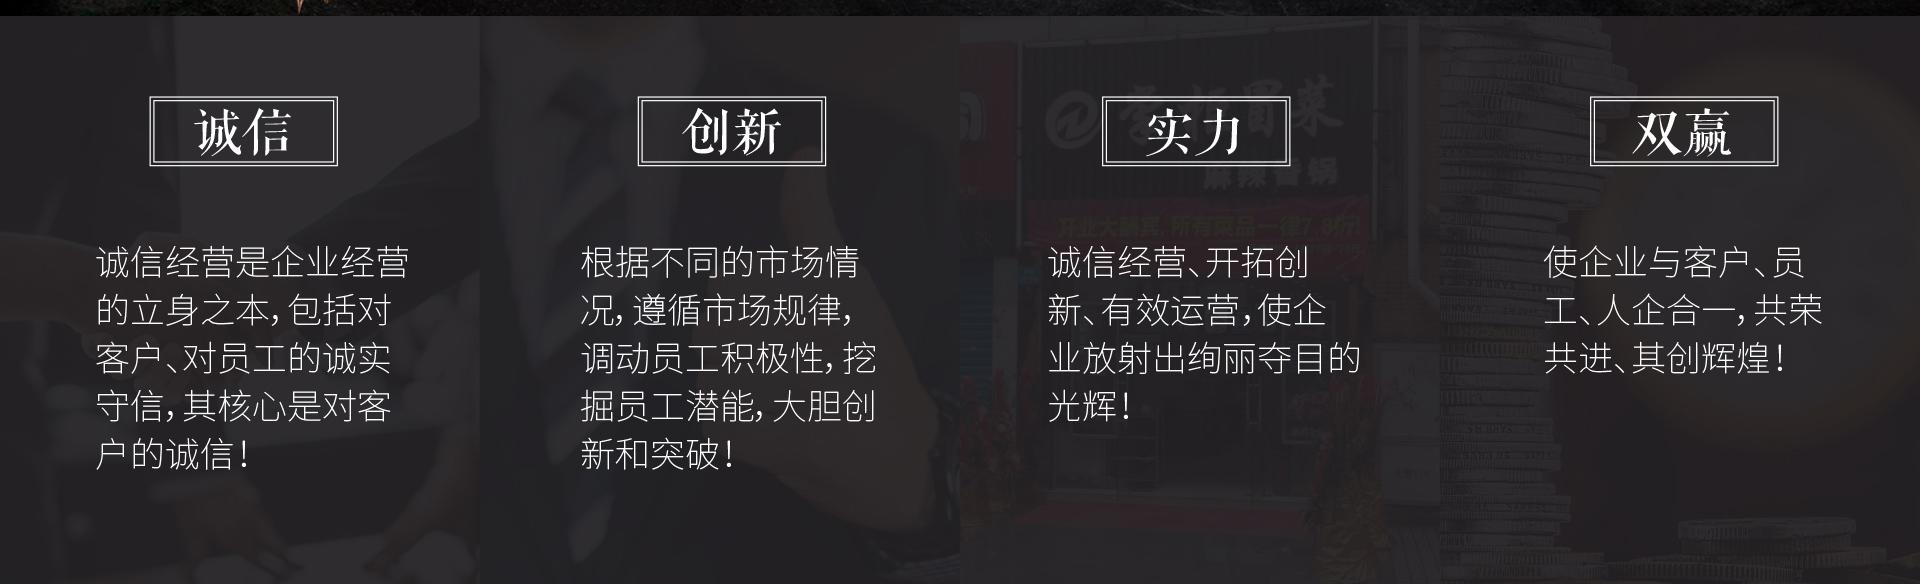 新掌柜冒菜新掌柜冒菜-PC端_02